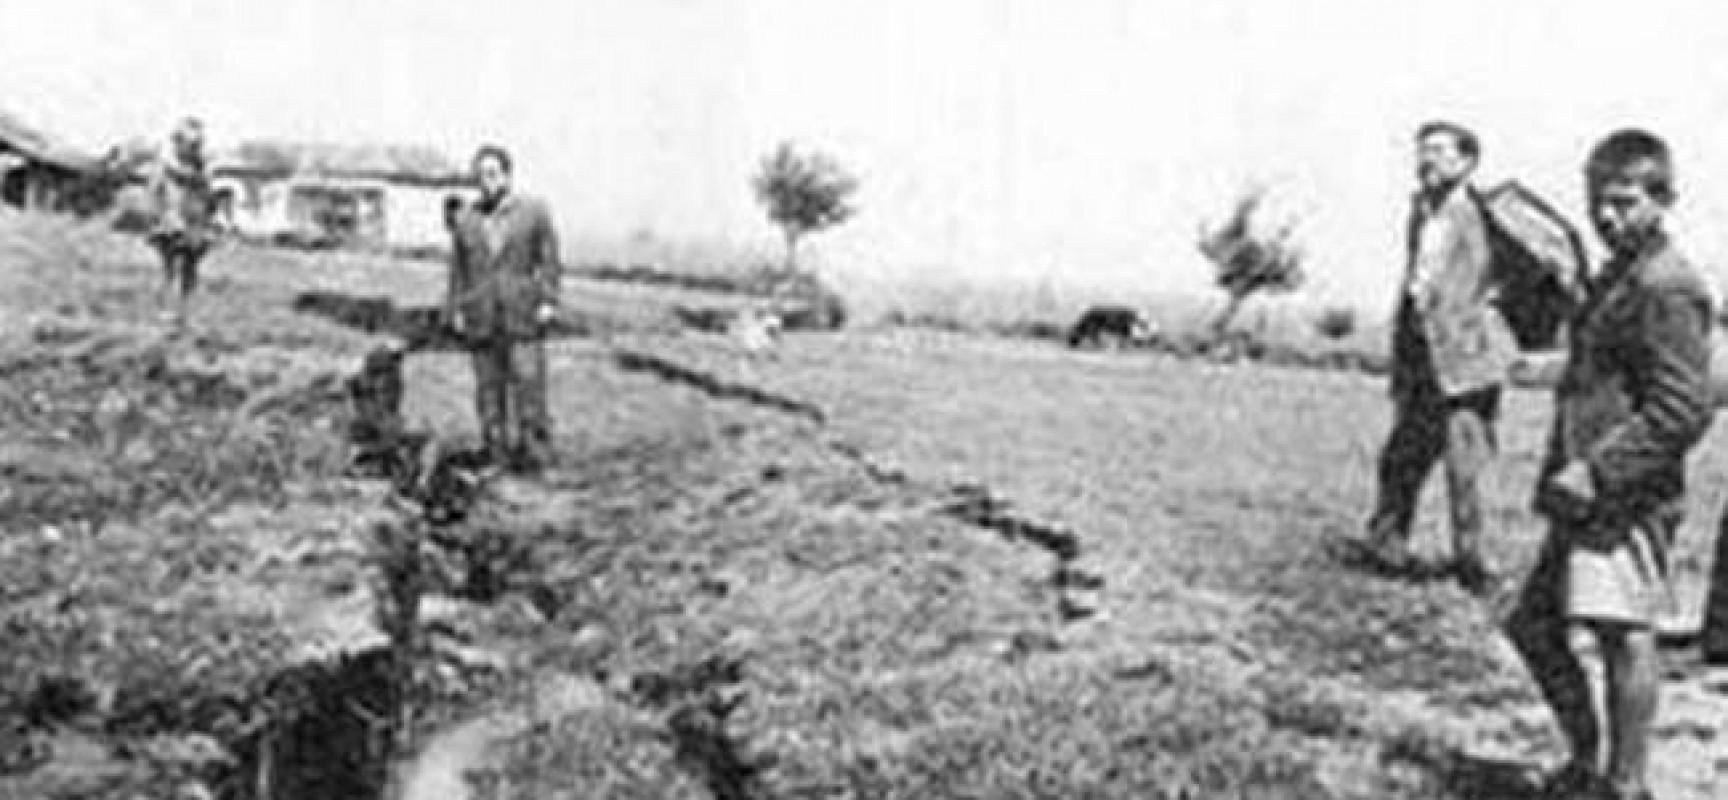 Εμπειρίες και διδάγματα από το σεισμό του 1954